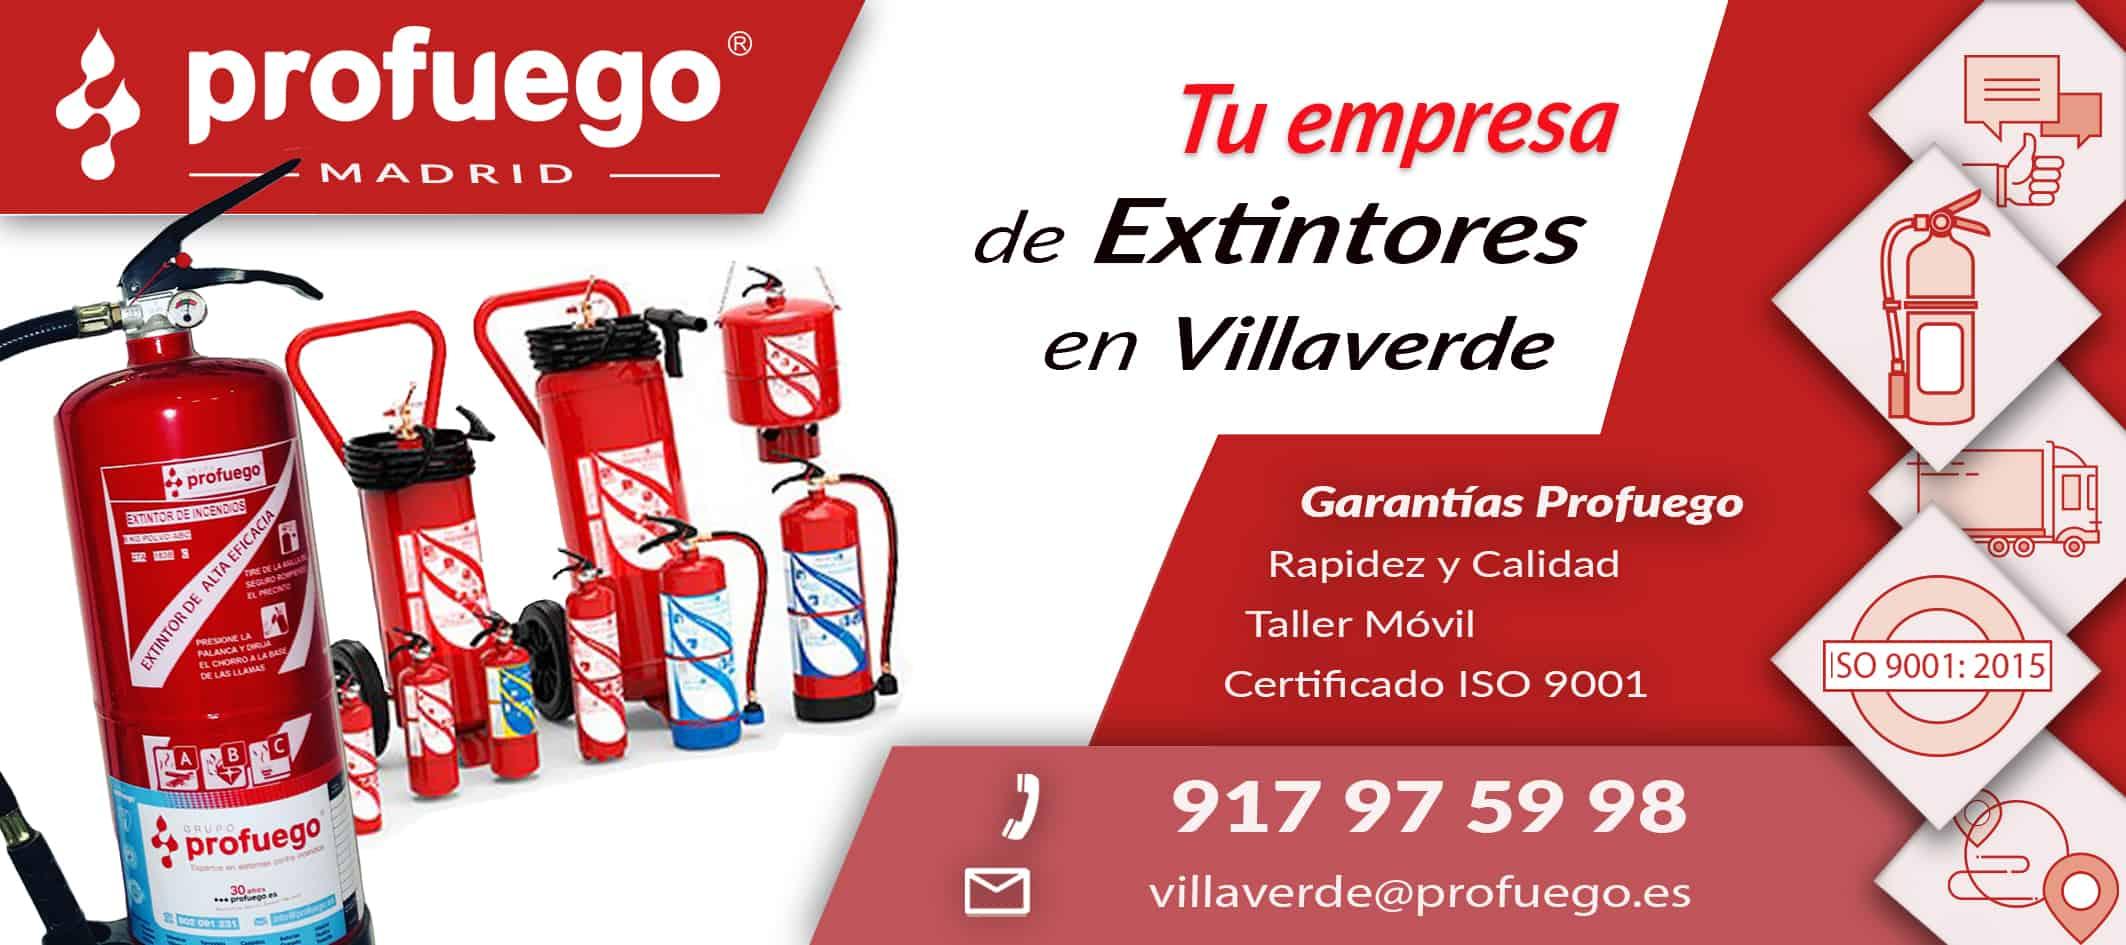 extintores villaverde